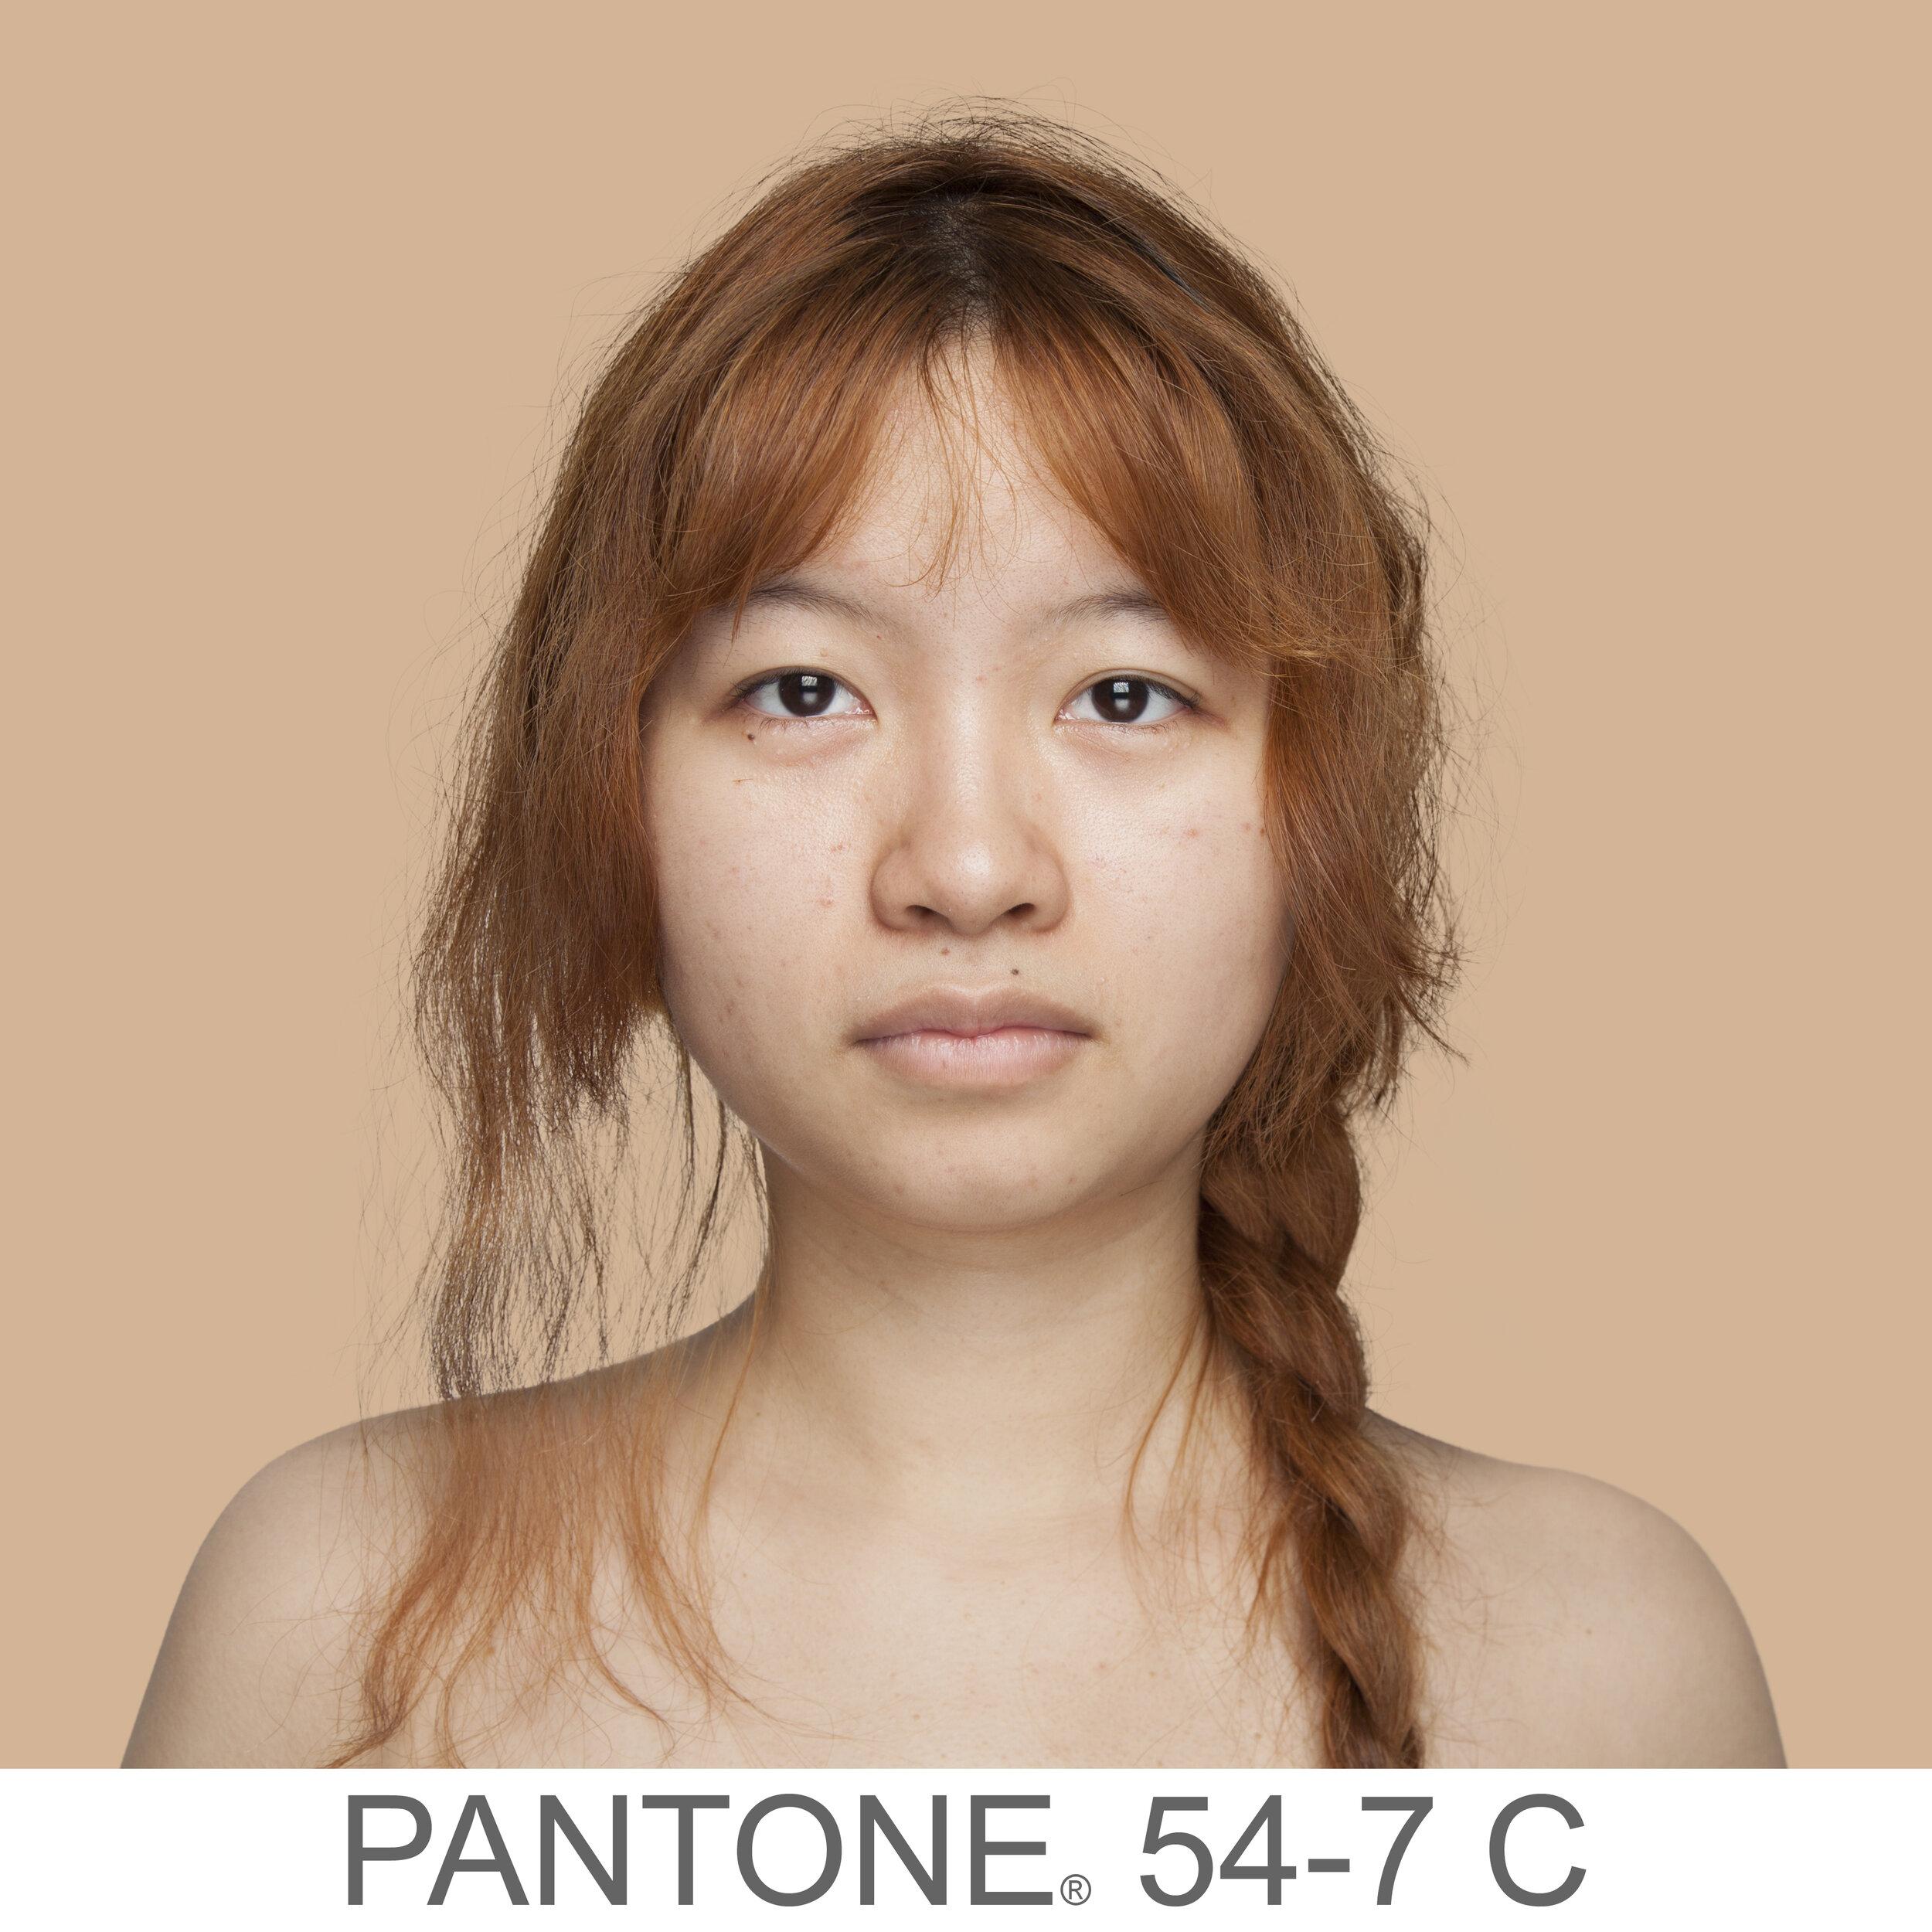 humanae 54-7 C CN copia.jpg